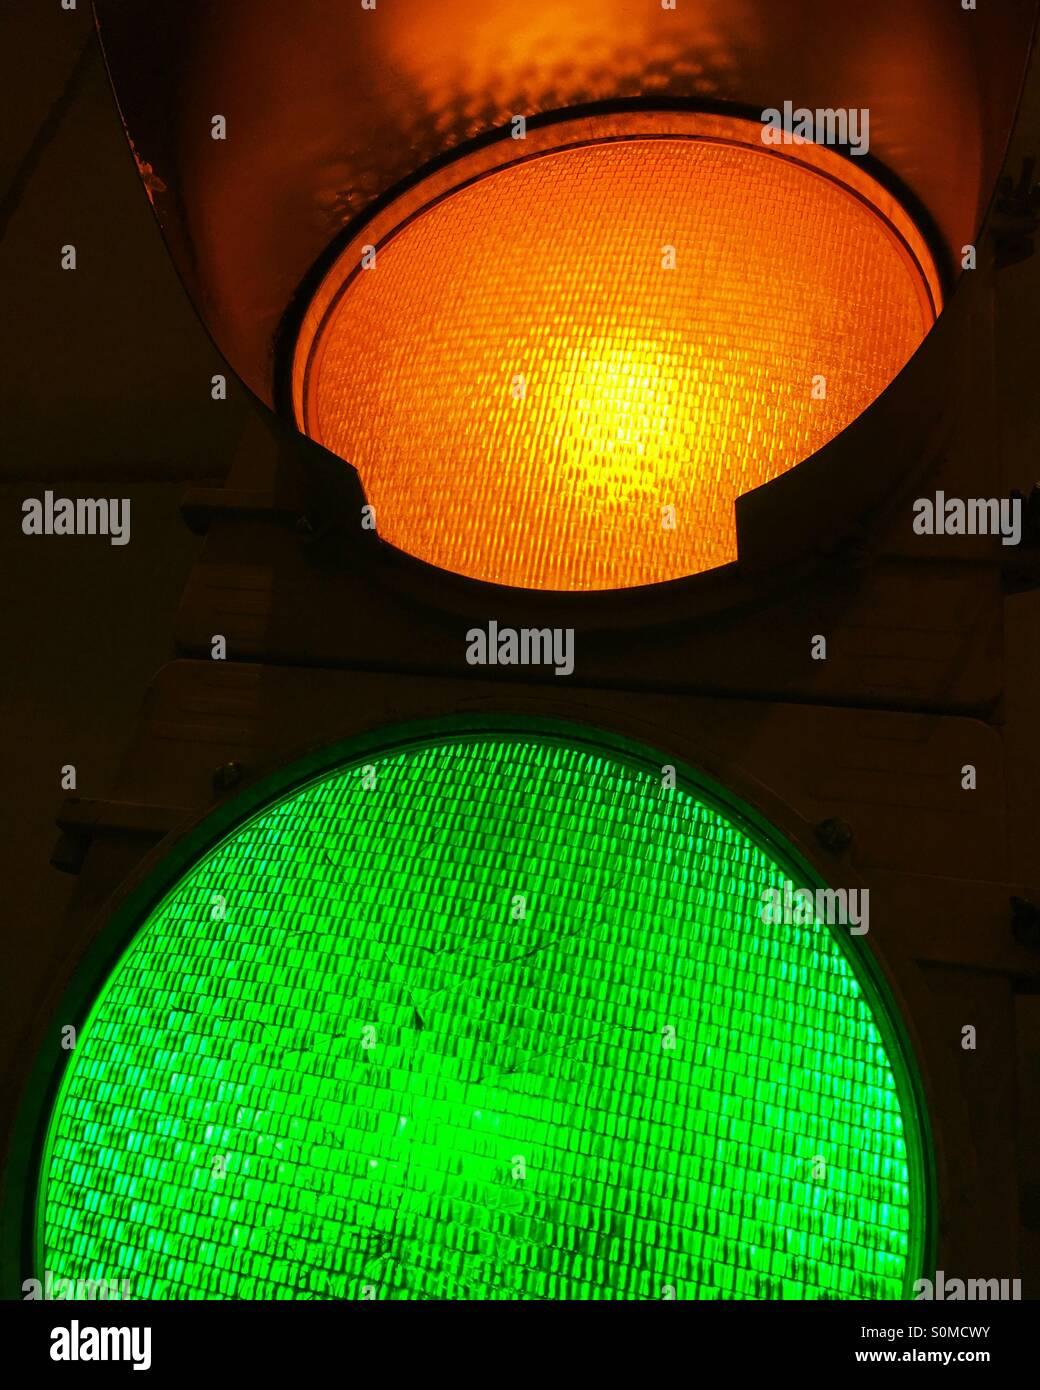 Nahaufnahme der beleuchteten Bernstein gelbe und grüne Ampeln. Stockbild